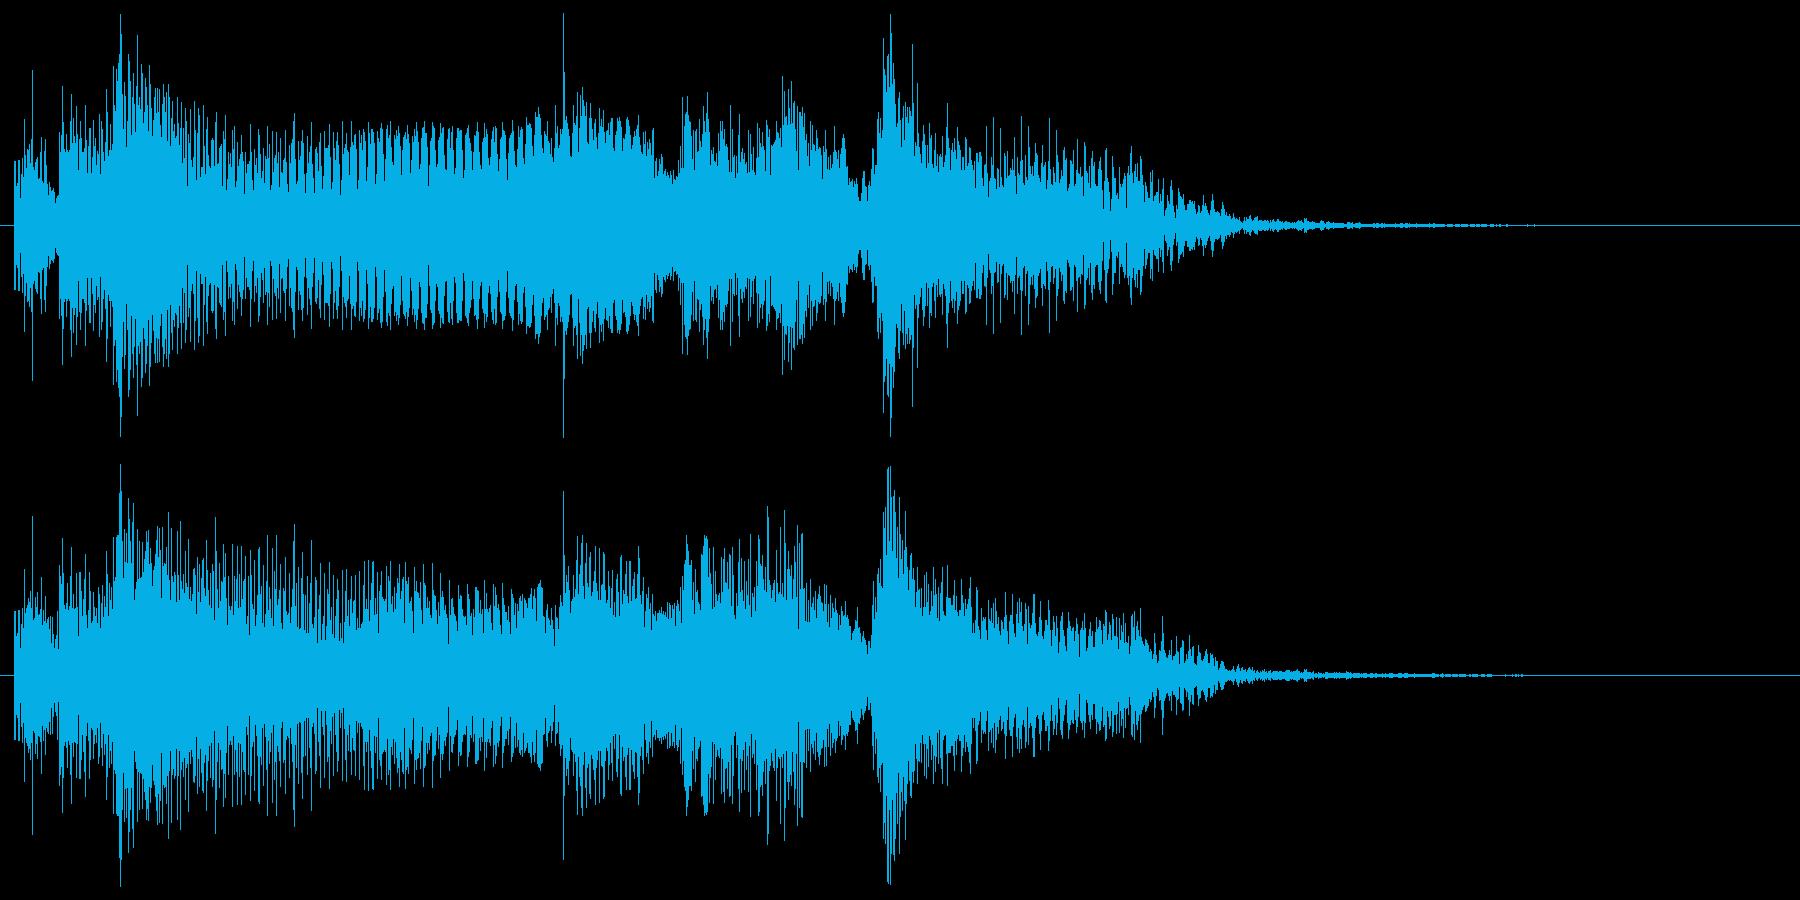 クリーントーン ギターフレーズ コードの再生済みの波形